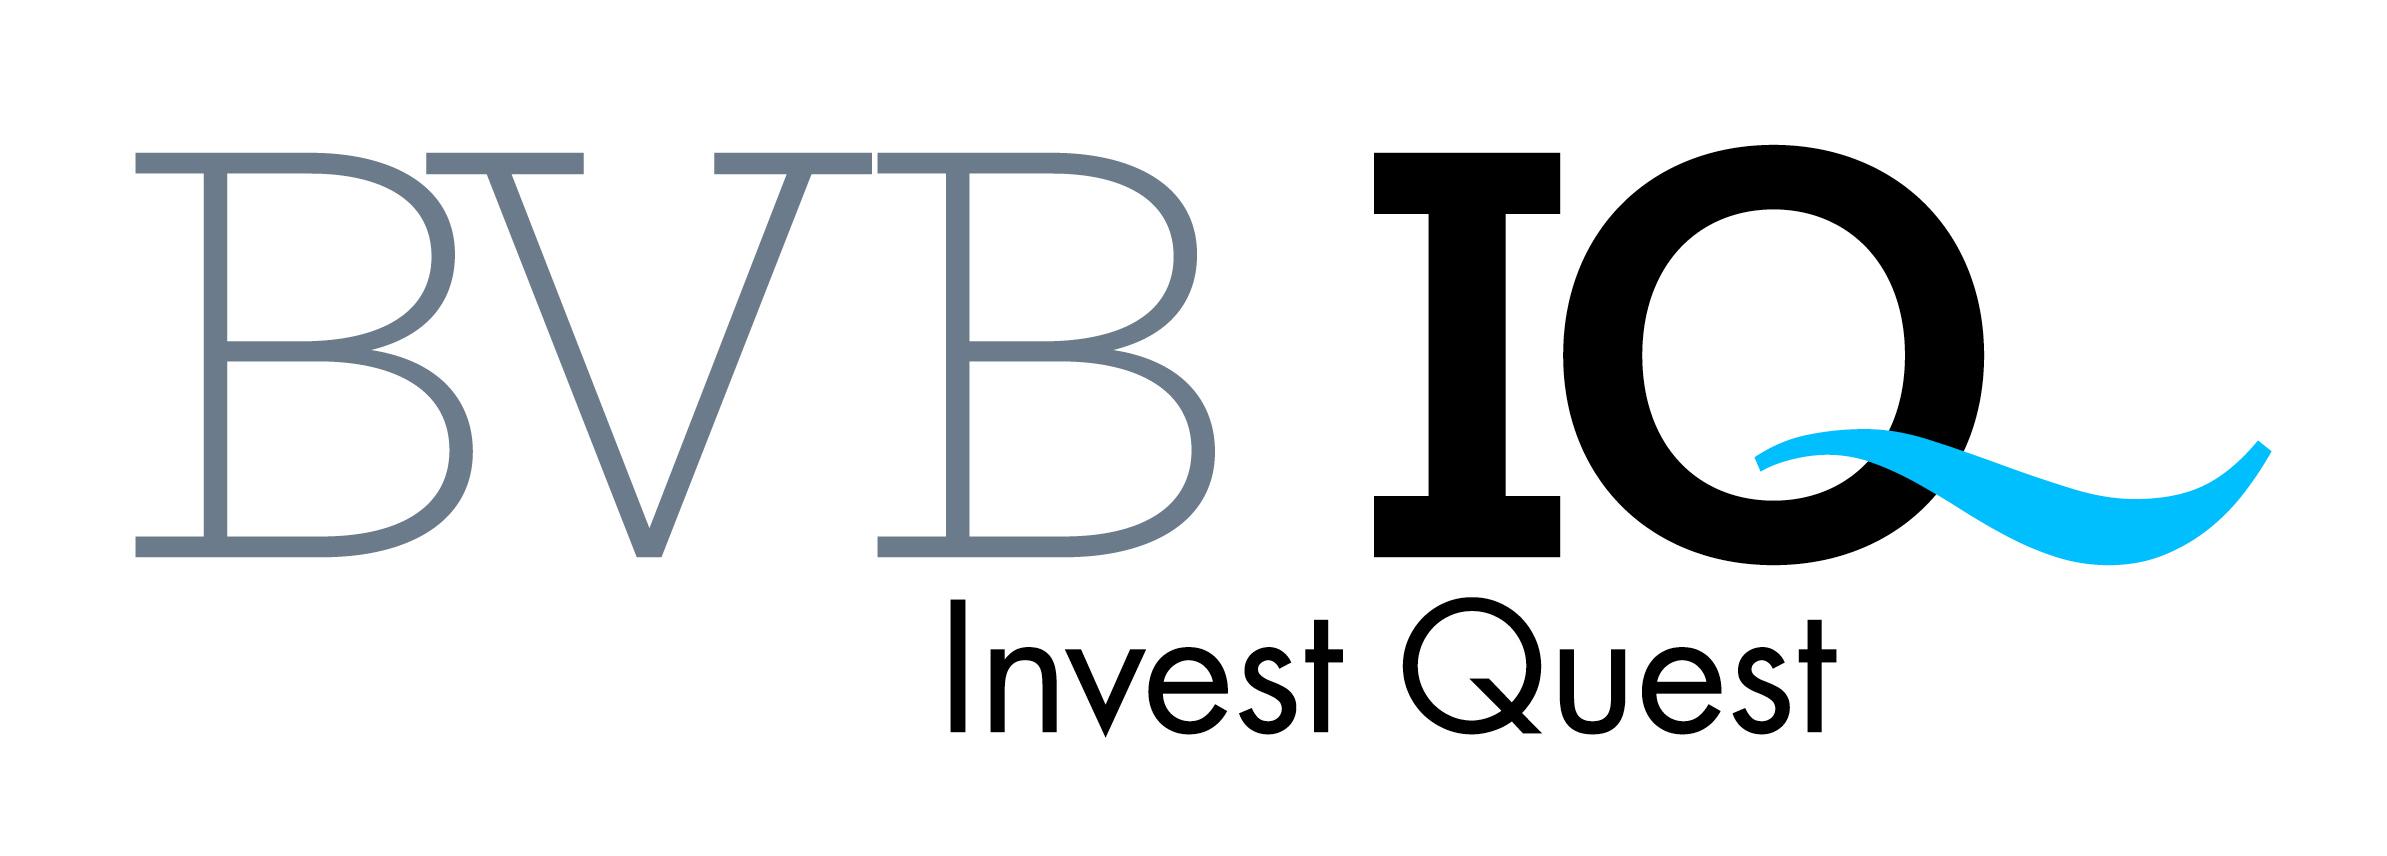 bvb invest quest final